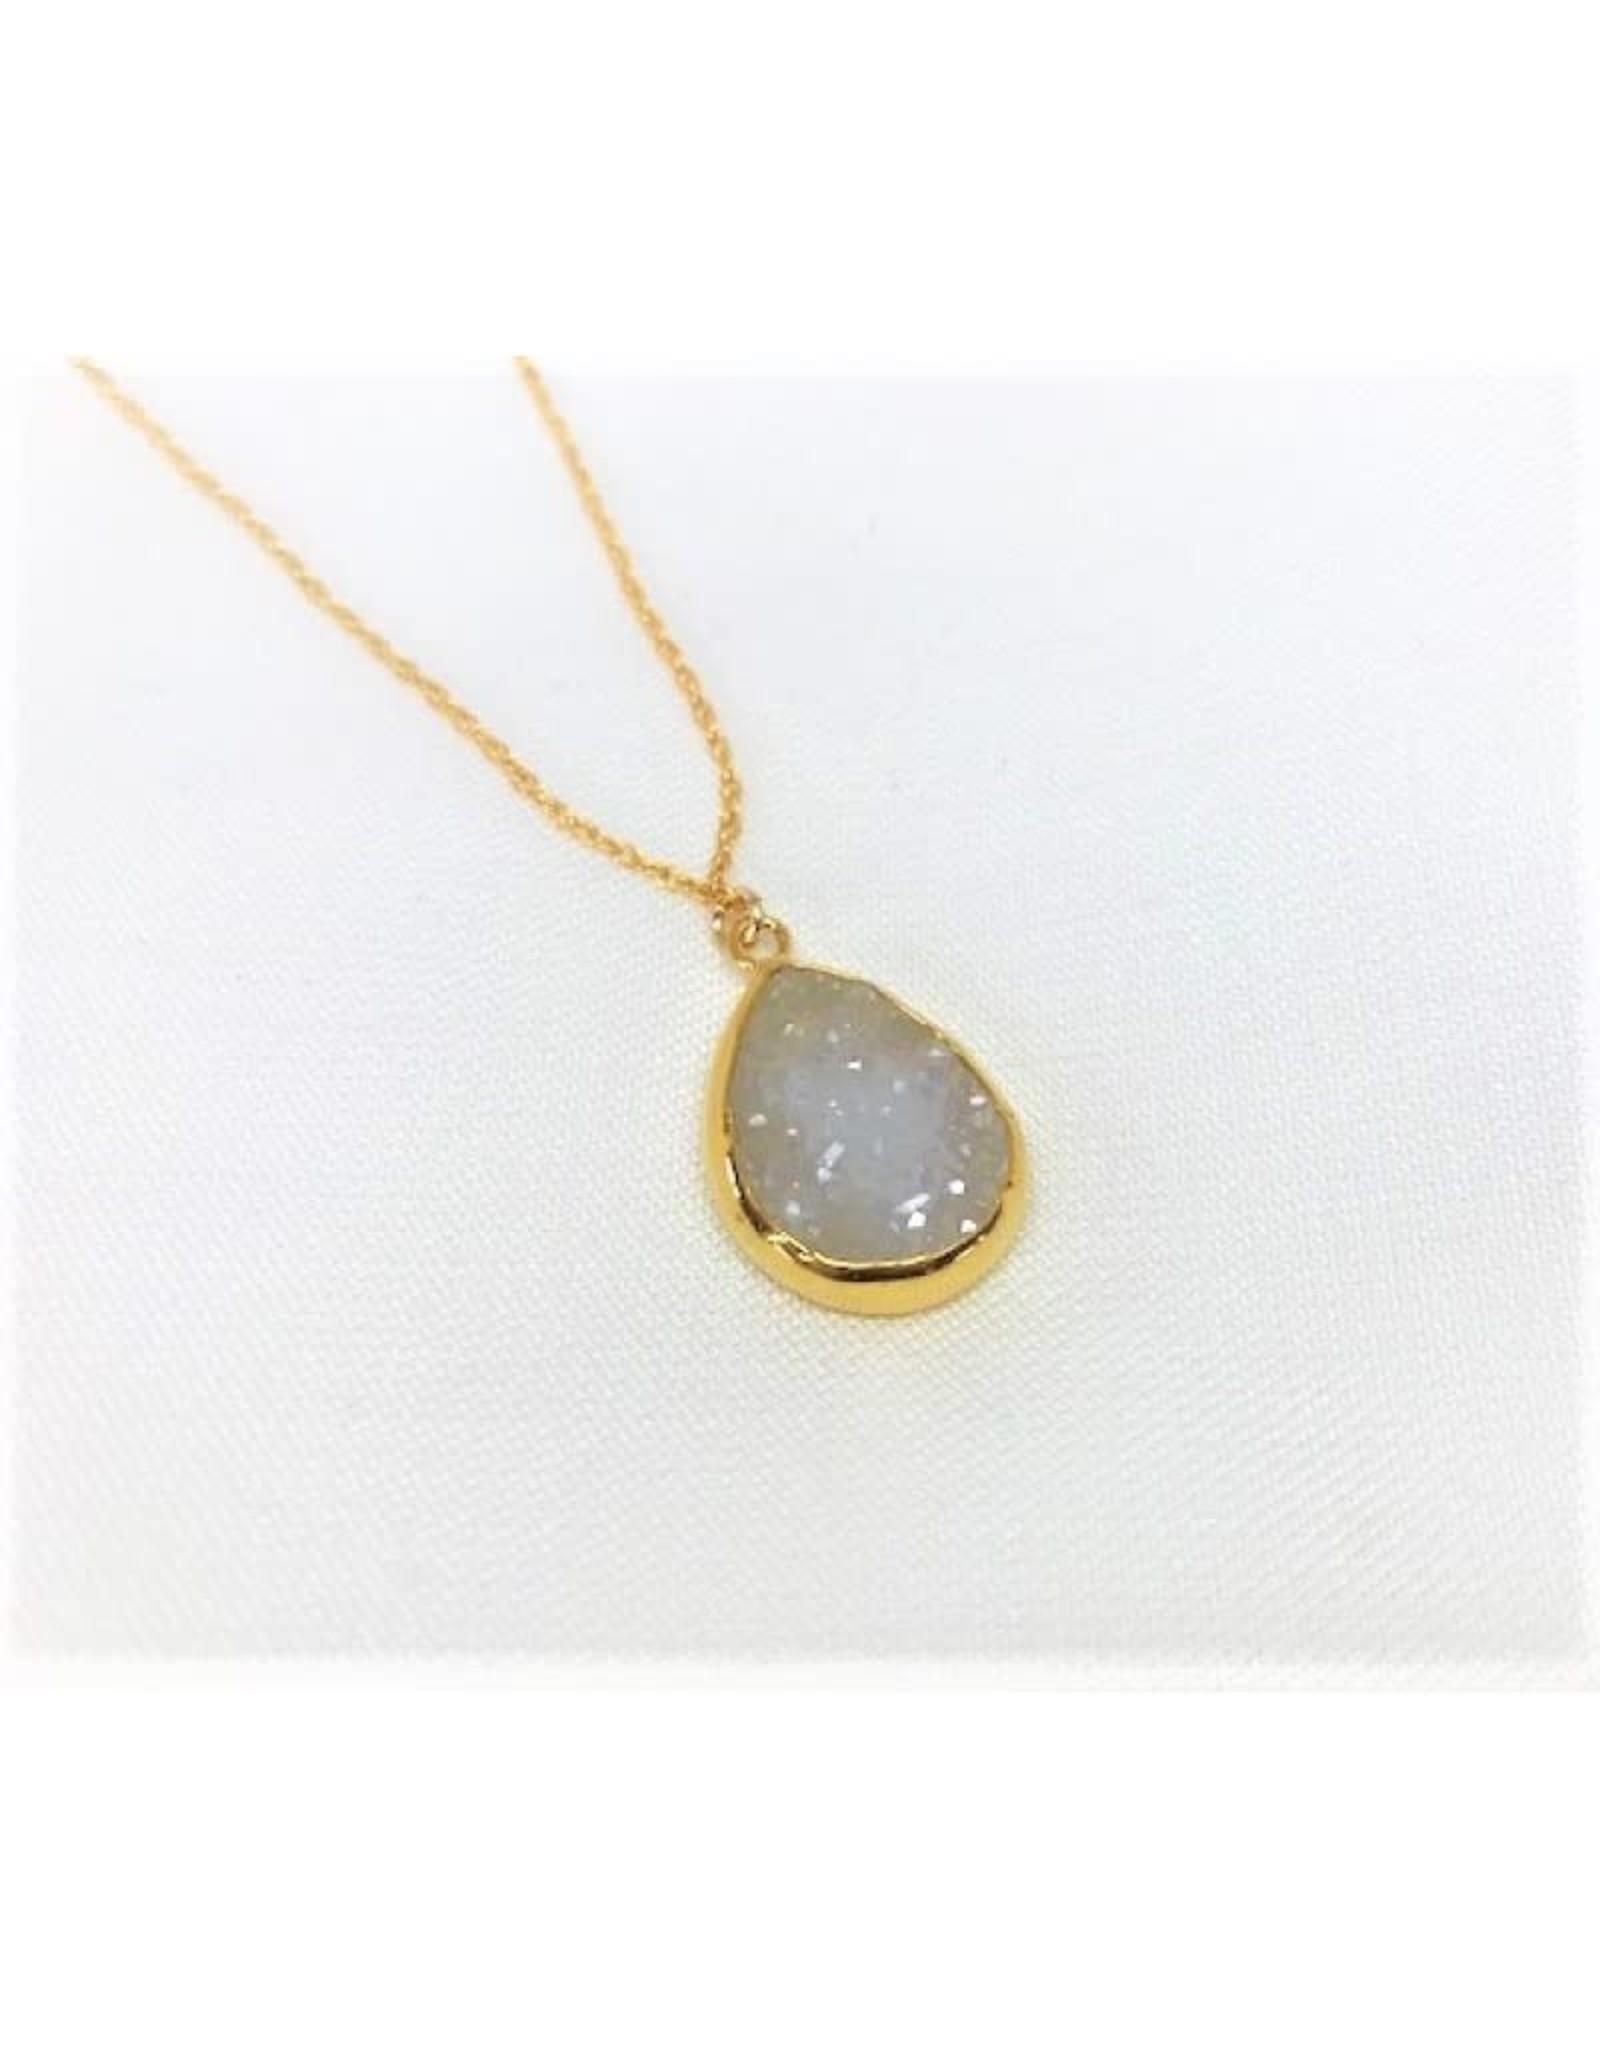 Druzy Pendant Necklace - Gold